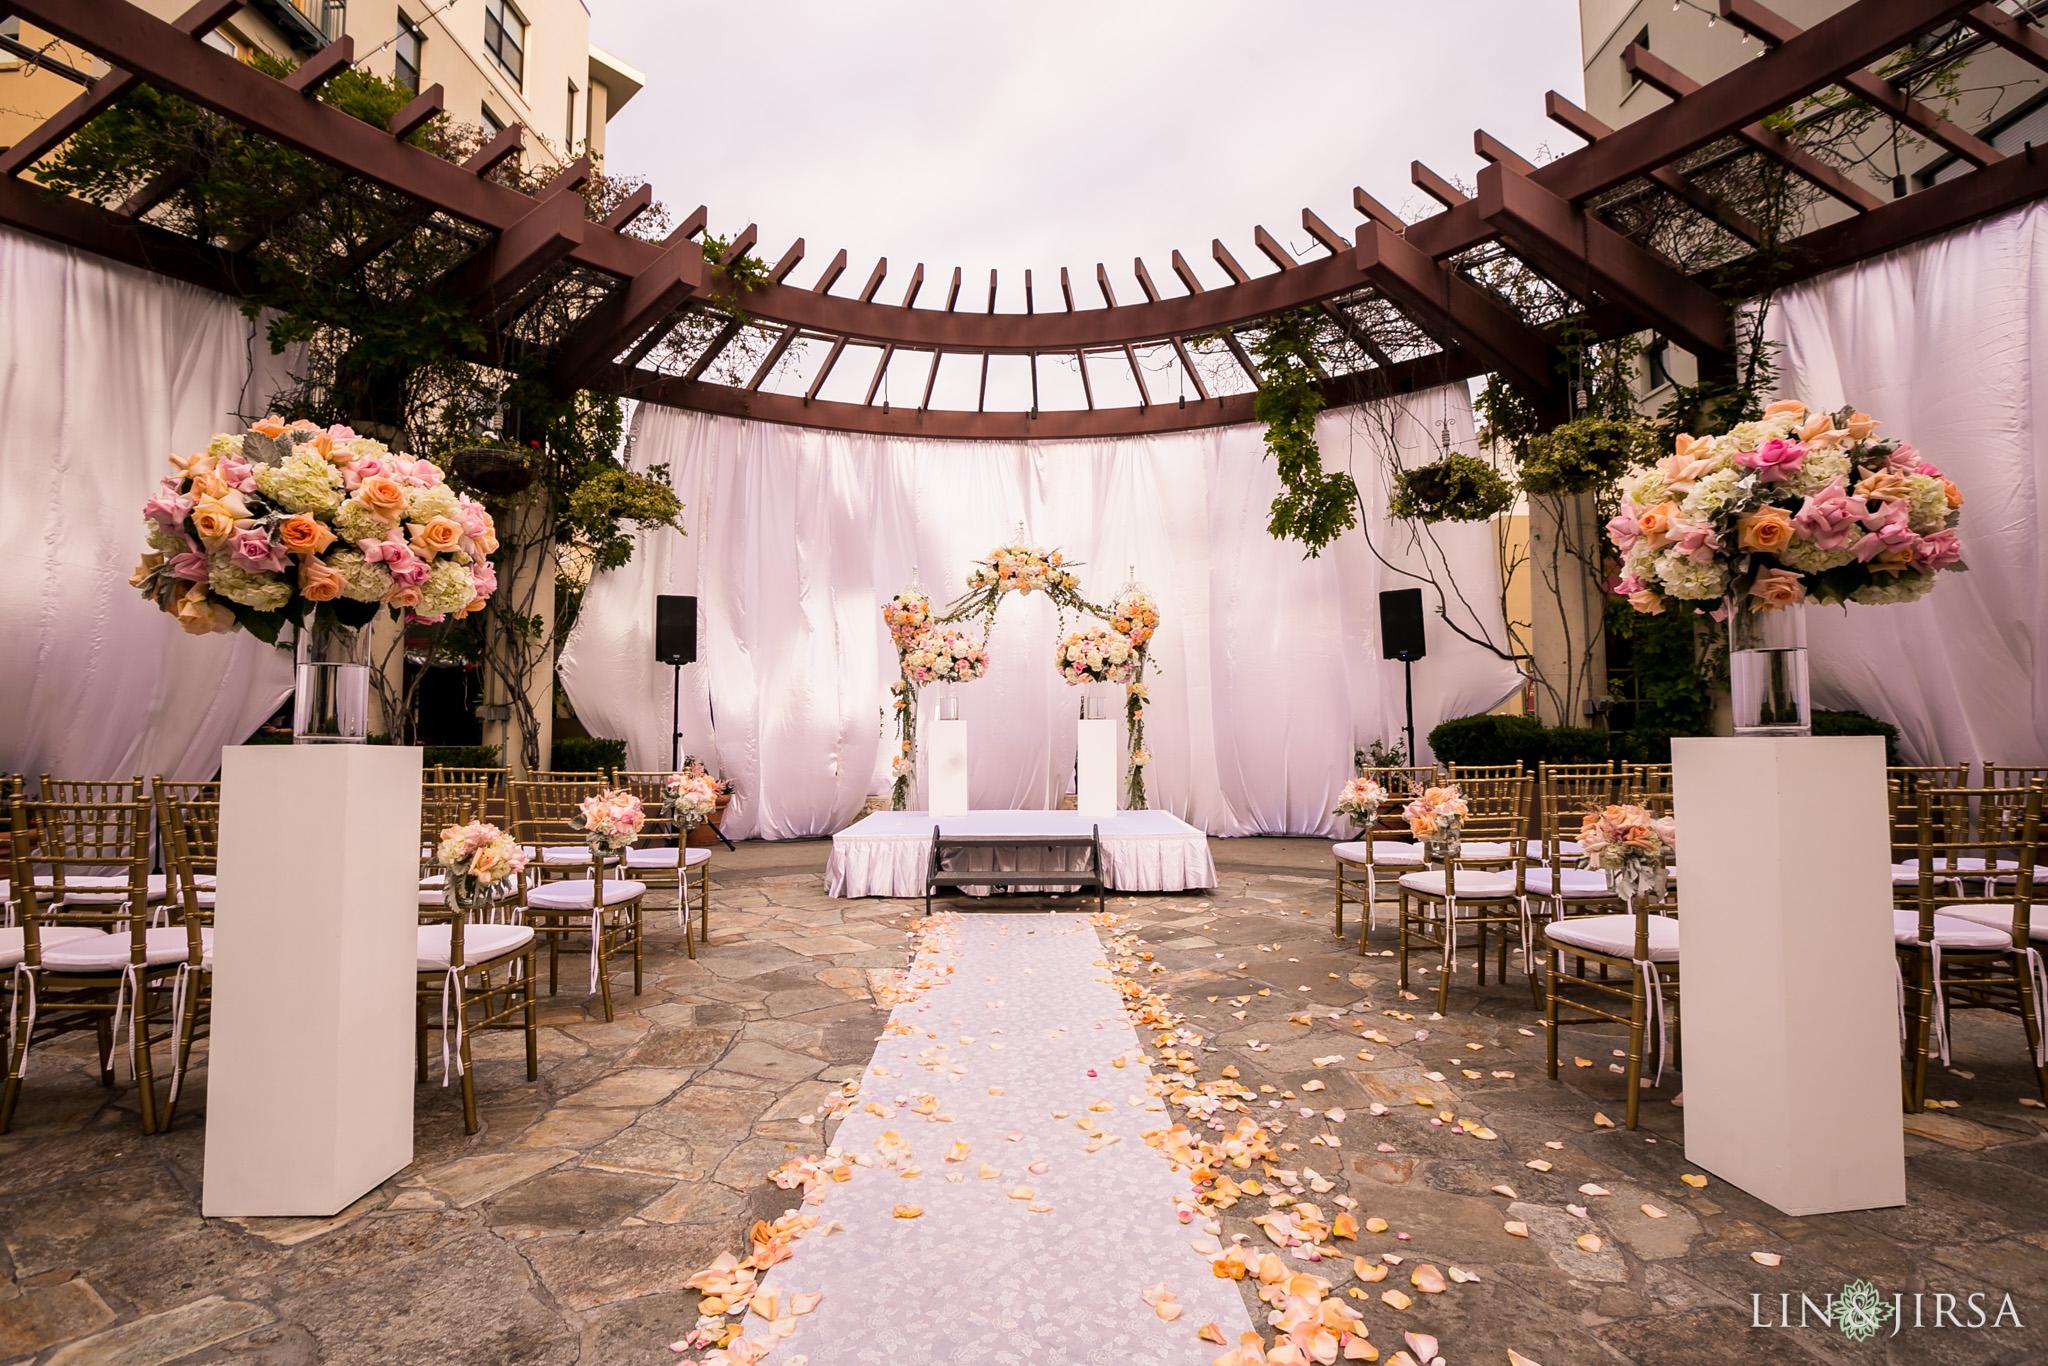 noor pasadena wedding photography sophia austin On noor pasadena wedding